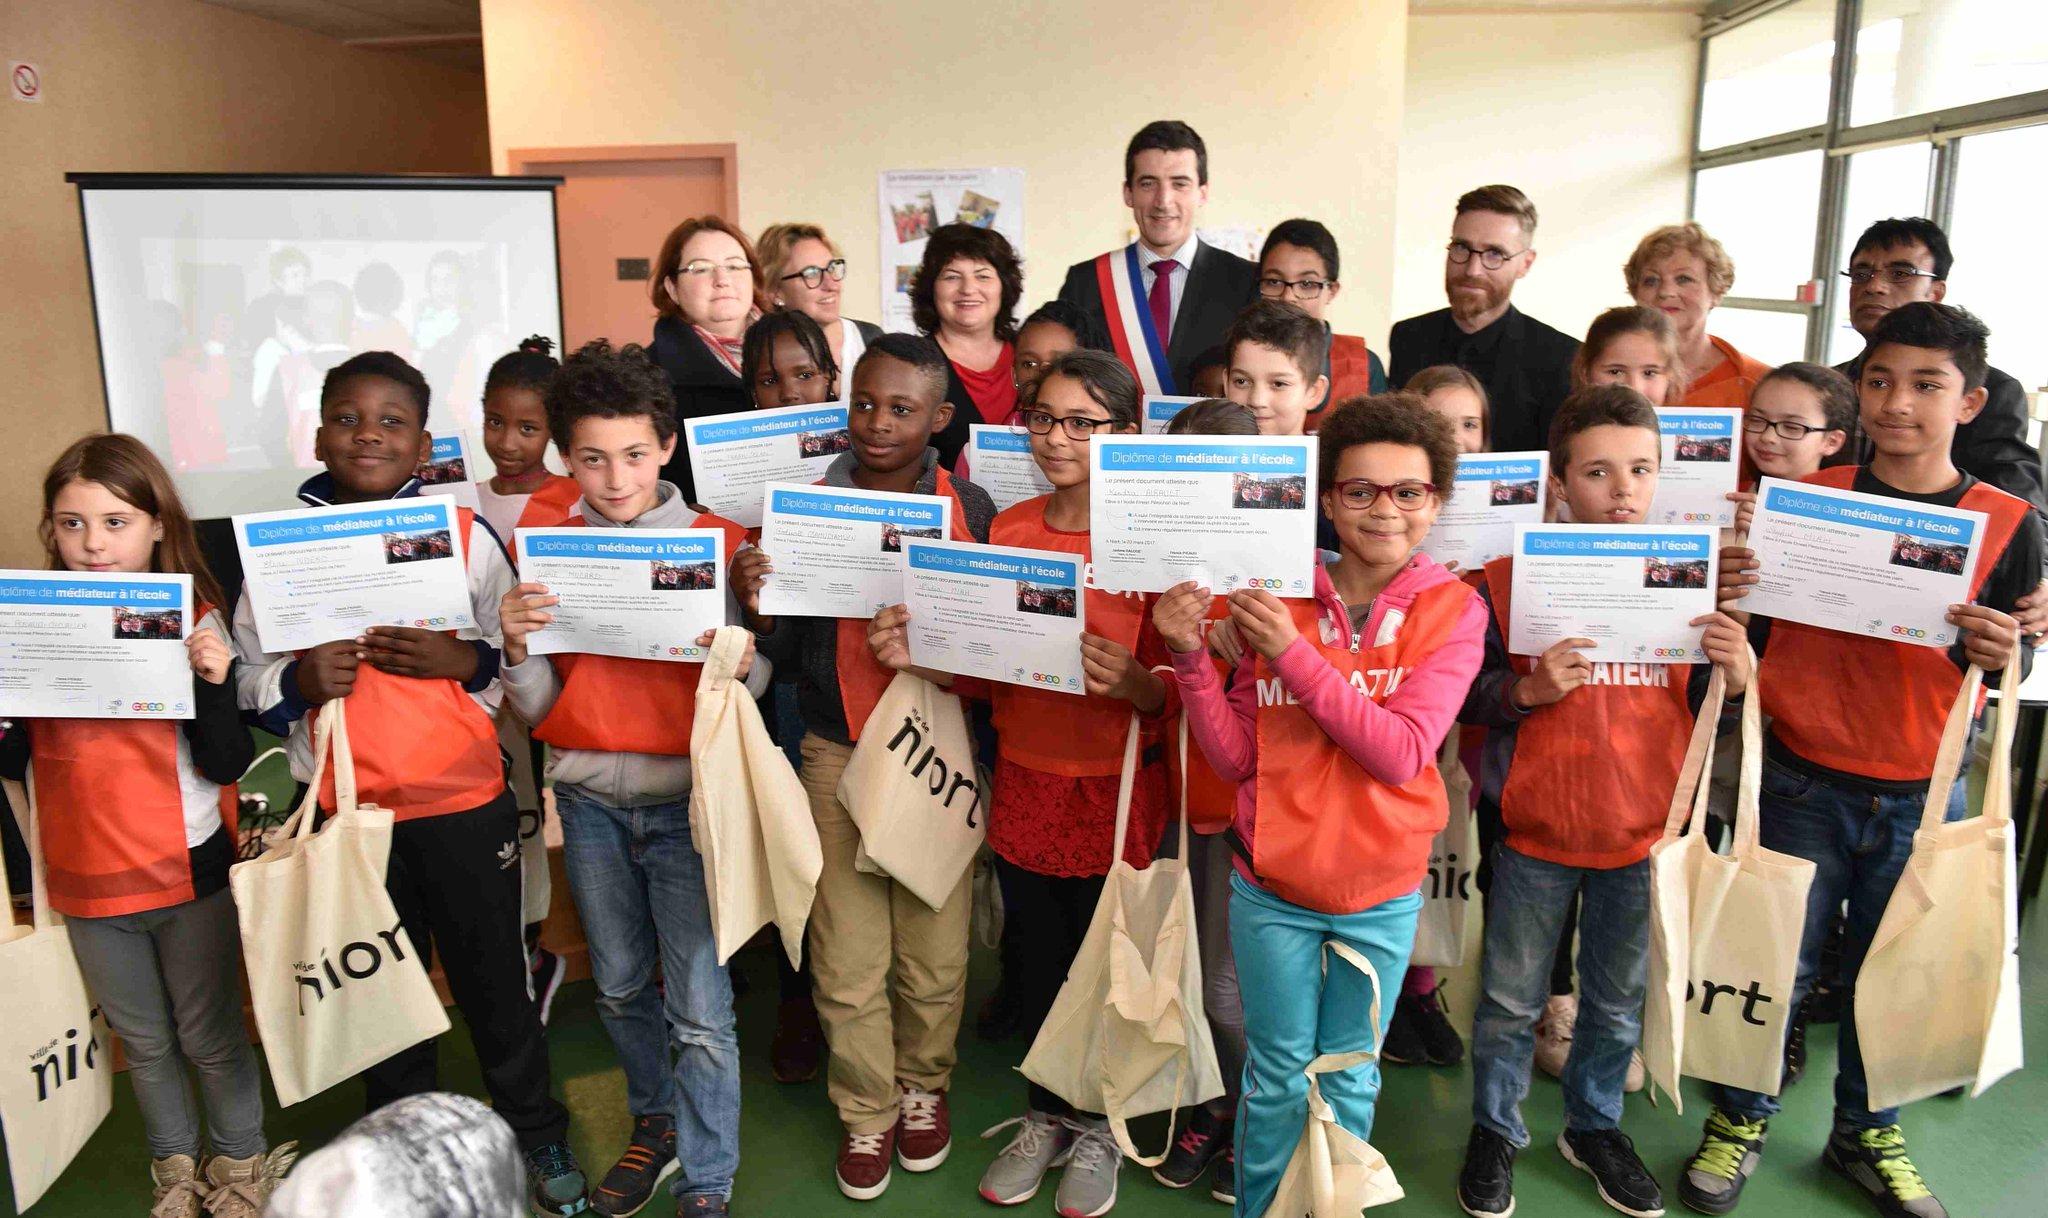 #Niort Le groupe des élèves médiateurs de l'école Ernest Pérochon s'agrandit https://t.co/YCpEsZcUUm https://t.co/kwFsiWerFk